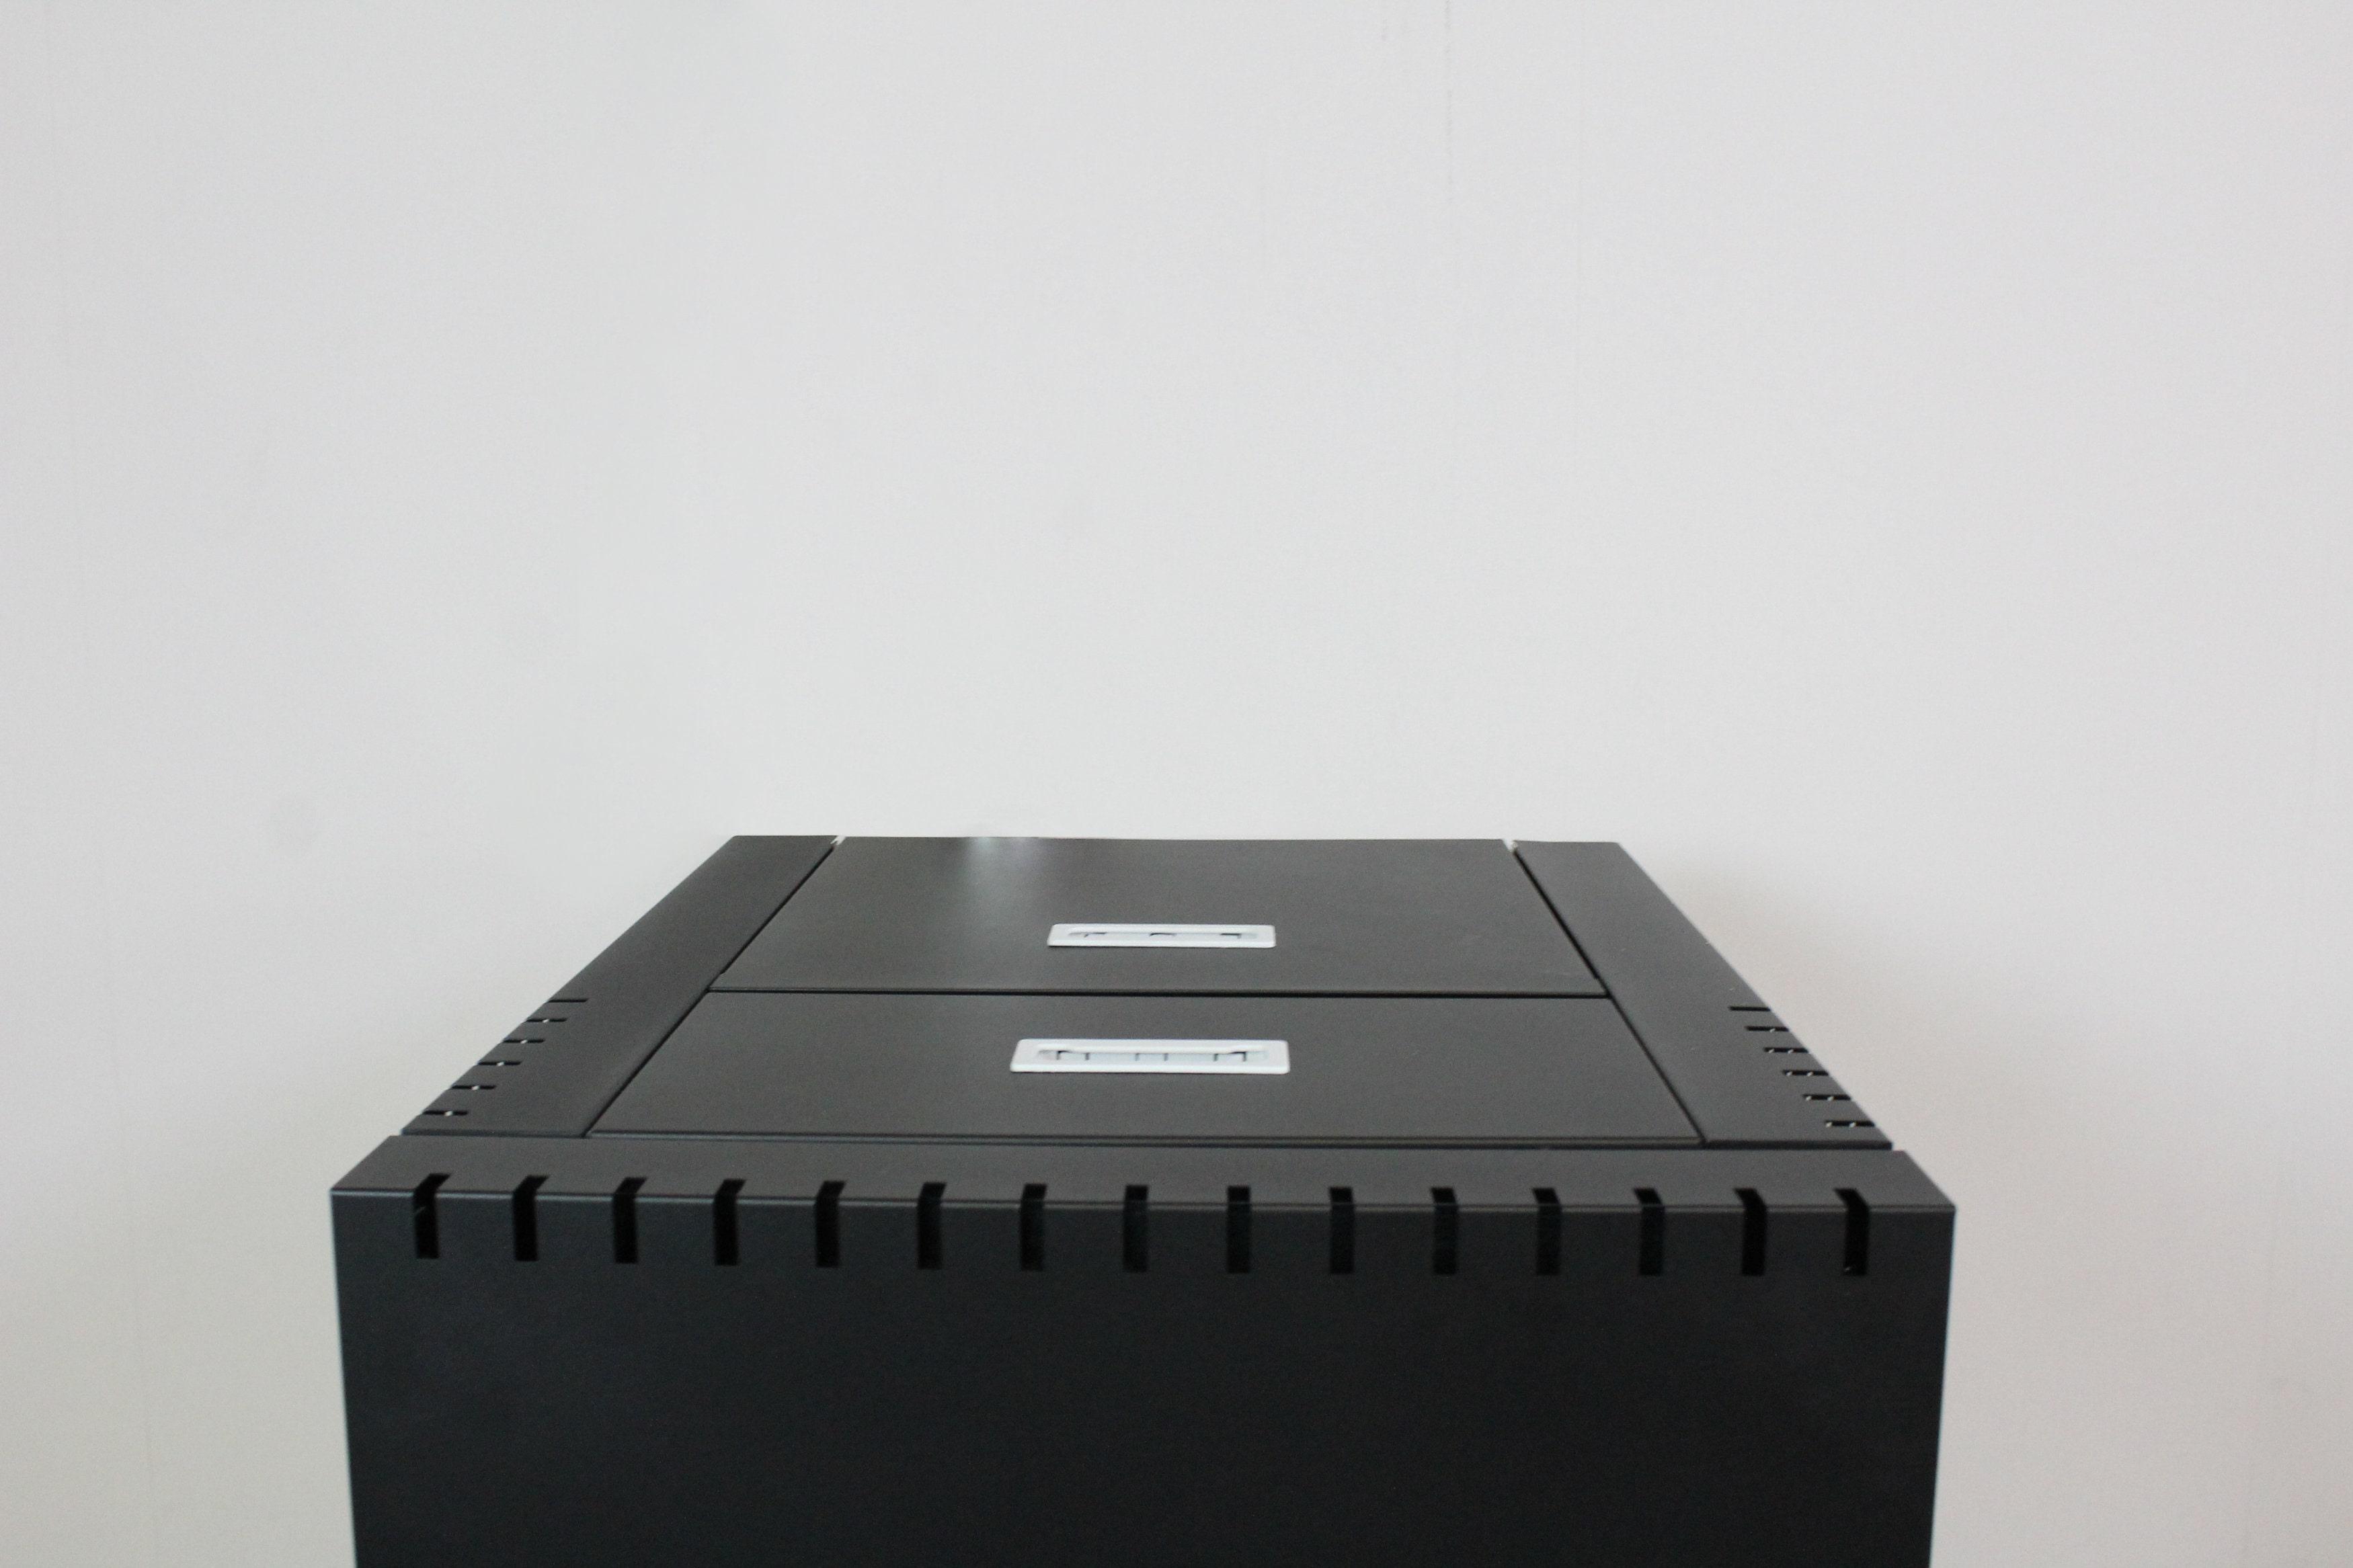 Parte superior da caldeira compacta a pellets, Piko. Depósito de pellets com acesso na parte superior, fácil acesso.